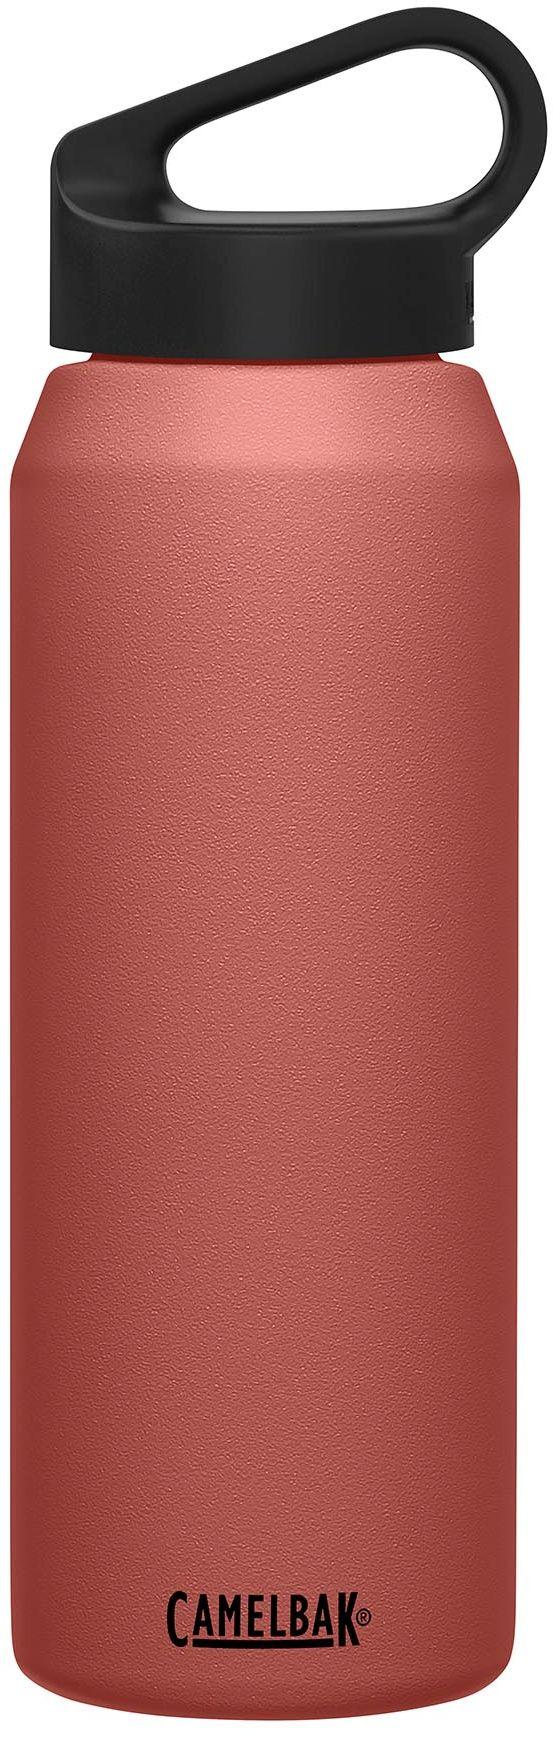 Camelbak Carry Cap Vacuum Stainless 1L - Terracotta uni